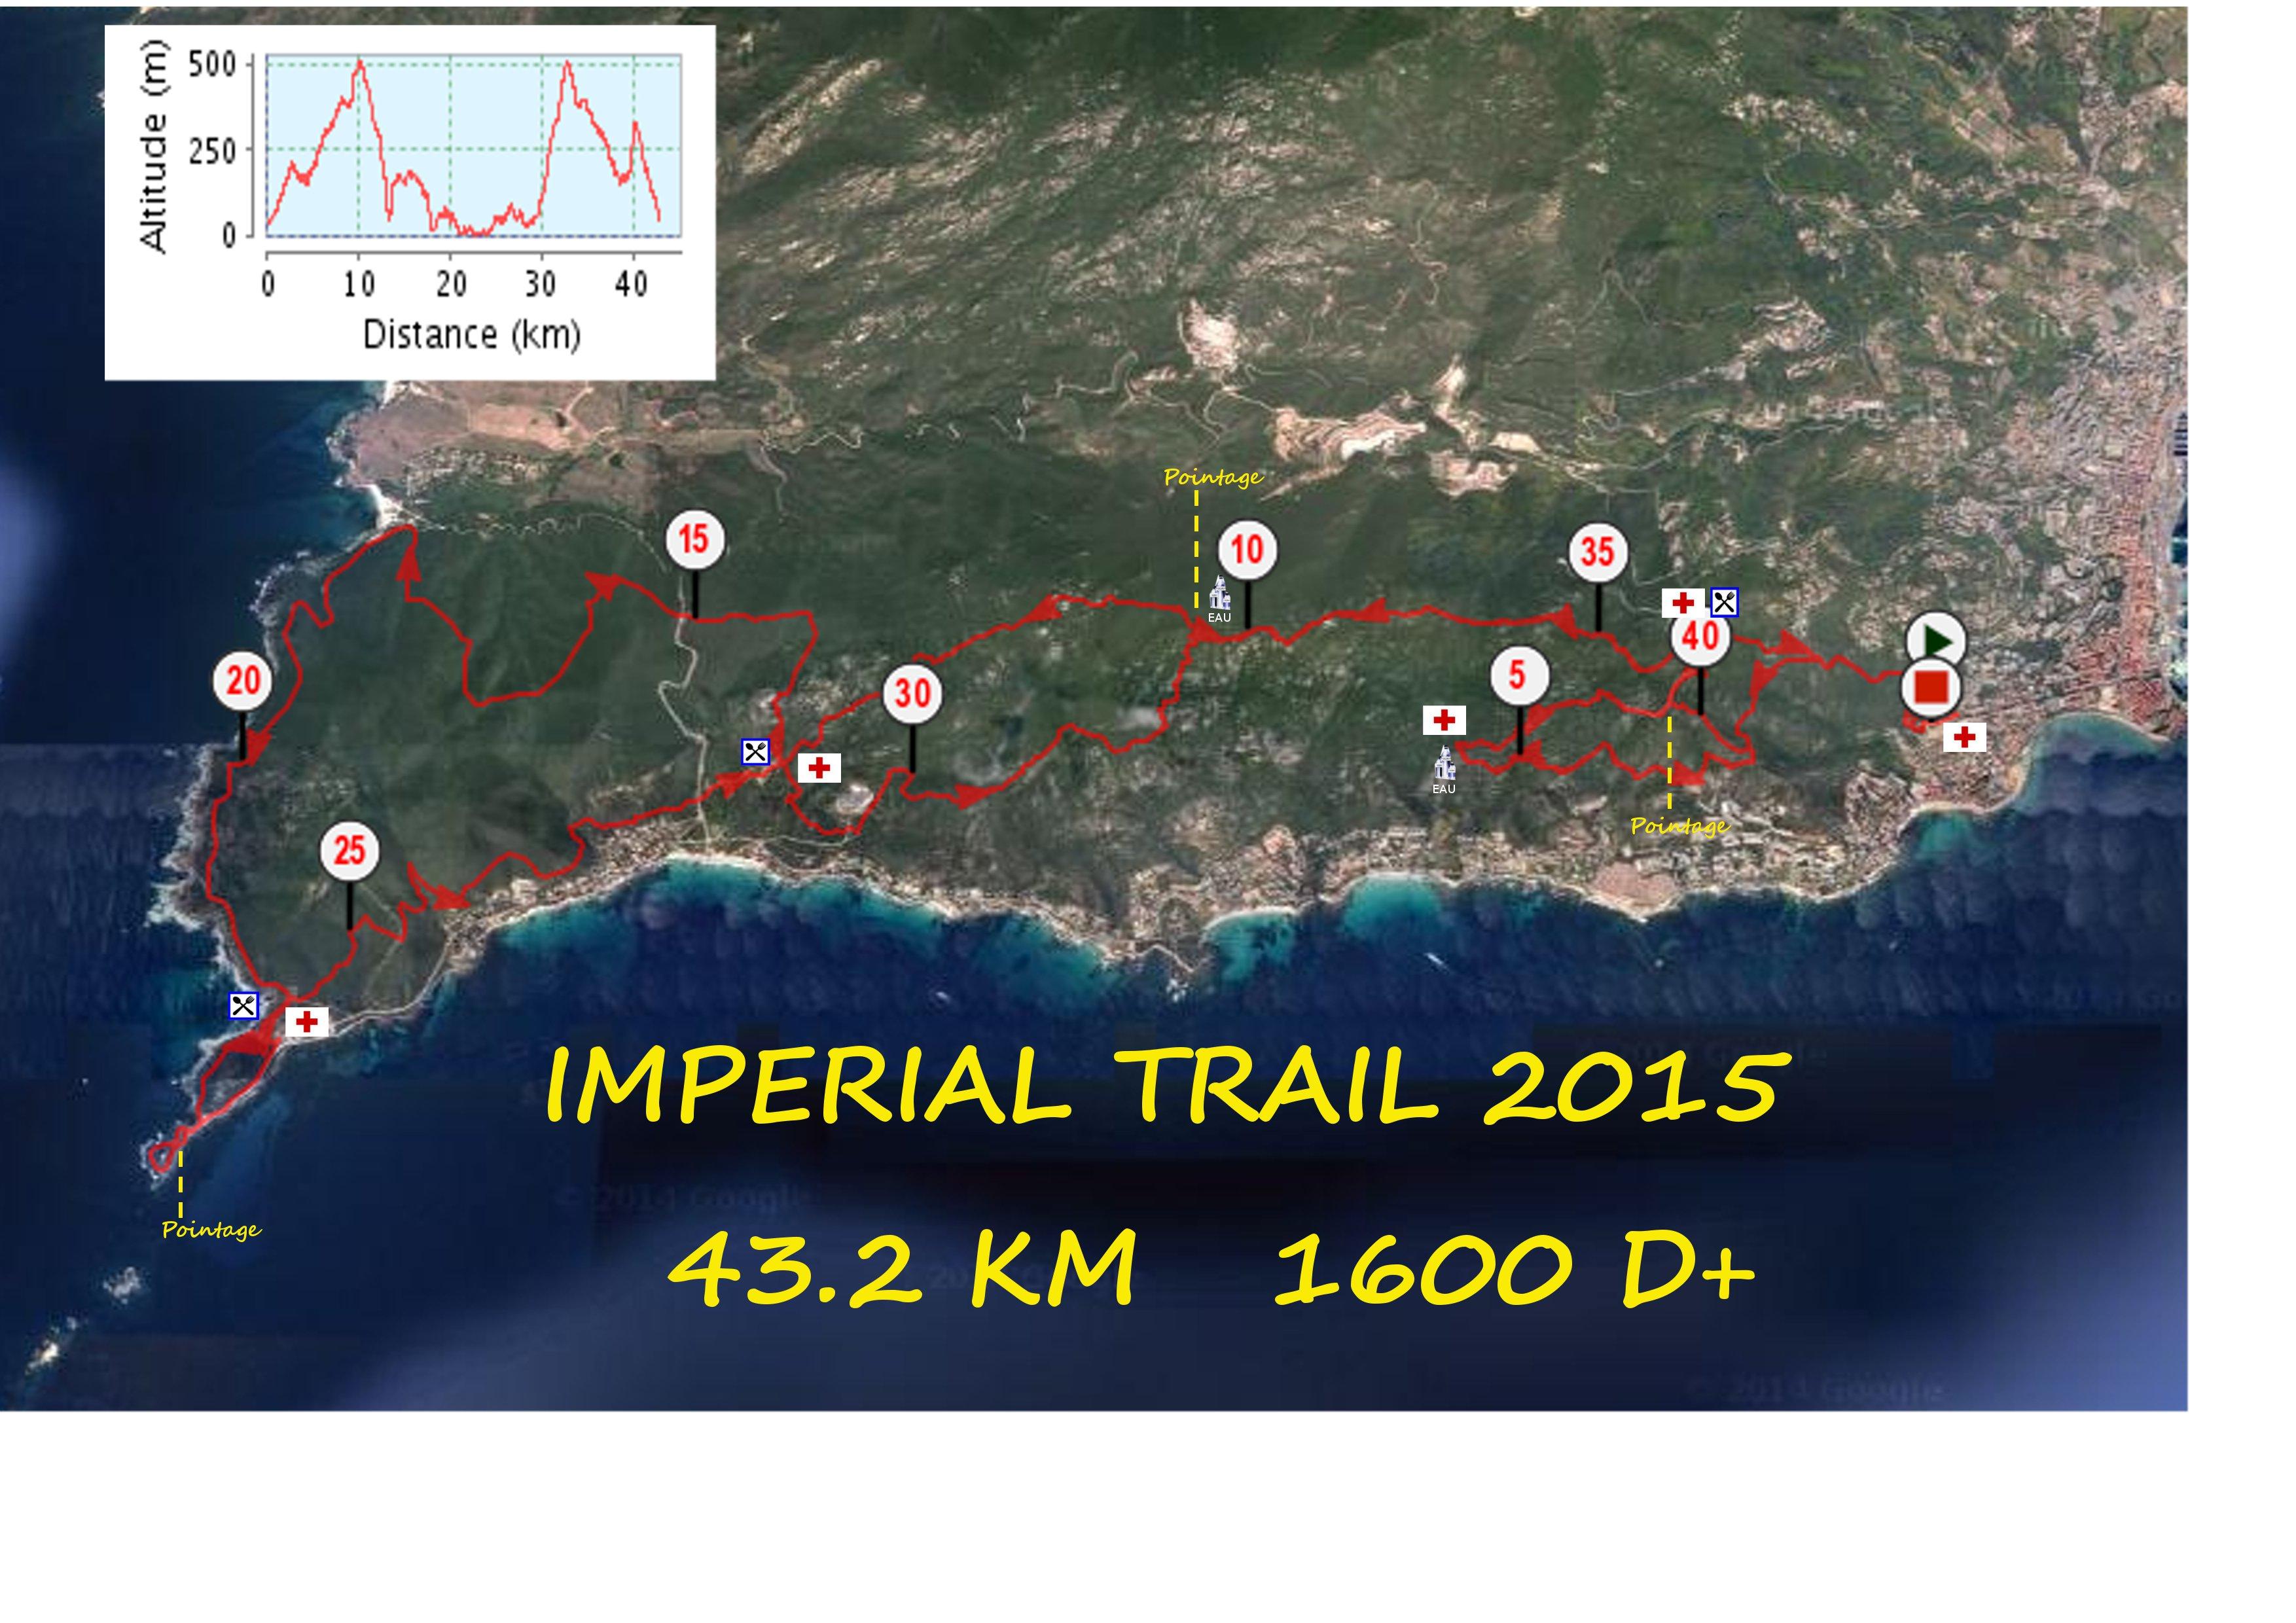 En 2015, L'impérial passe à 43 km